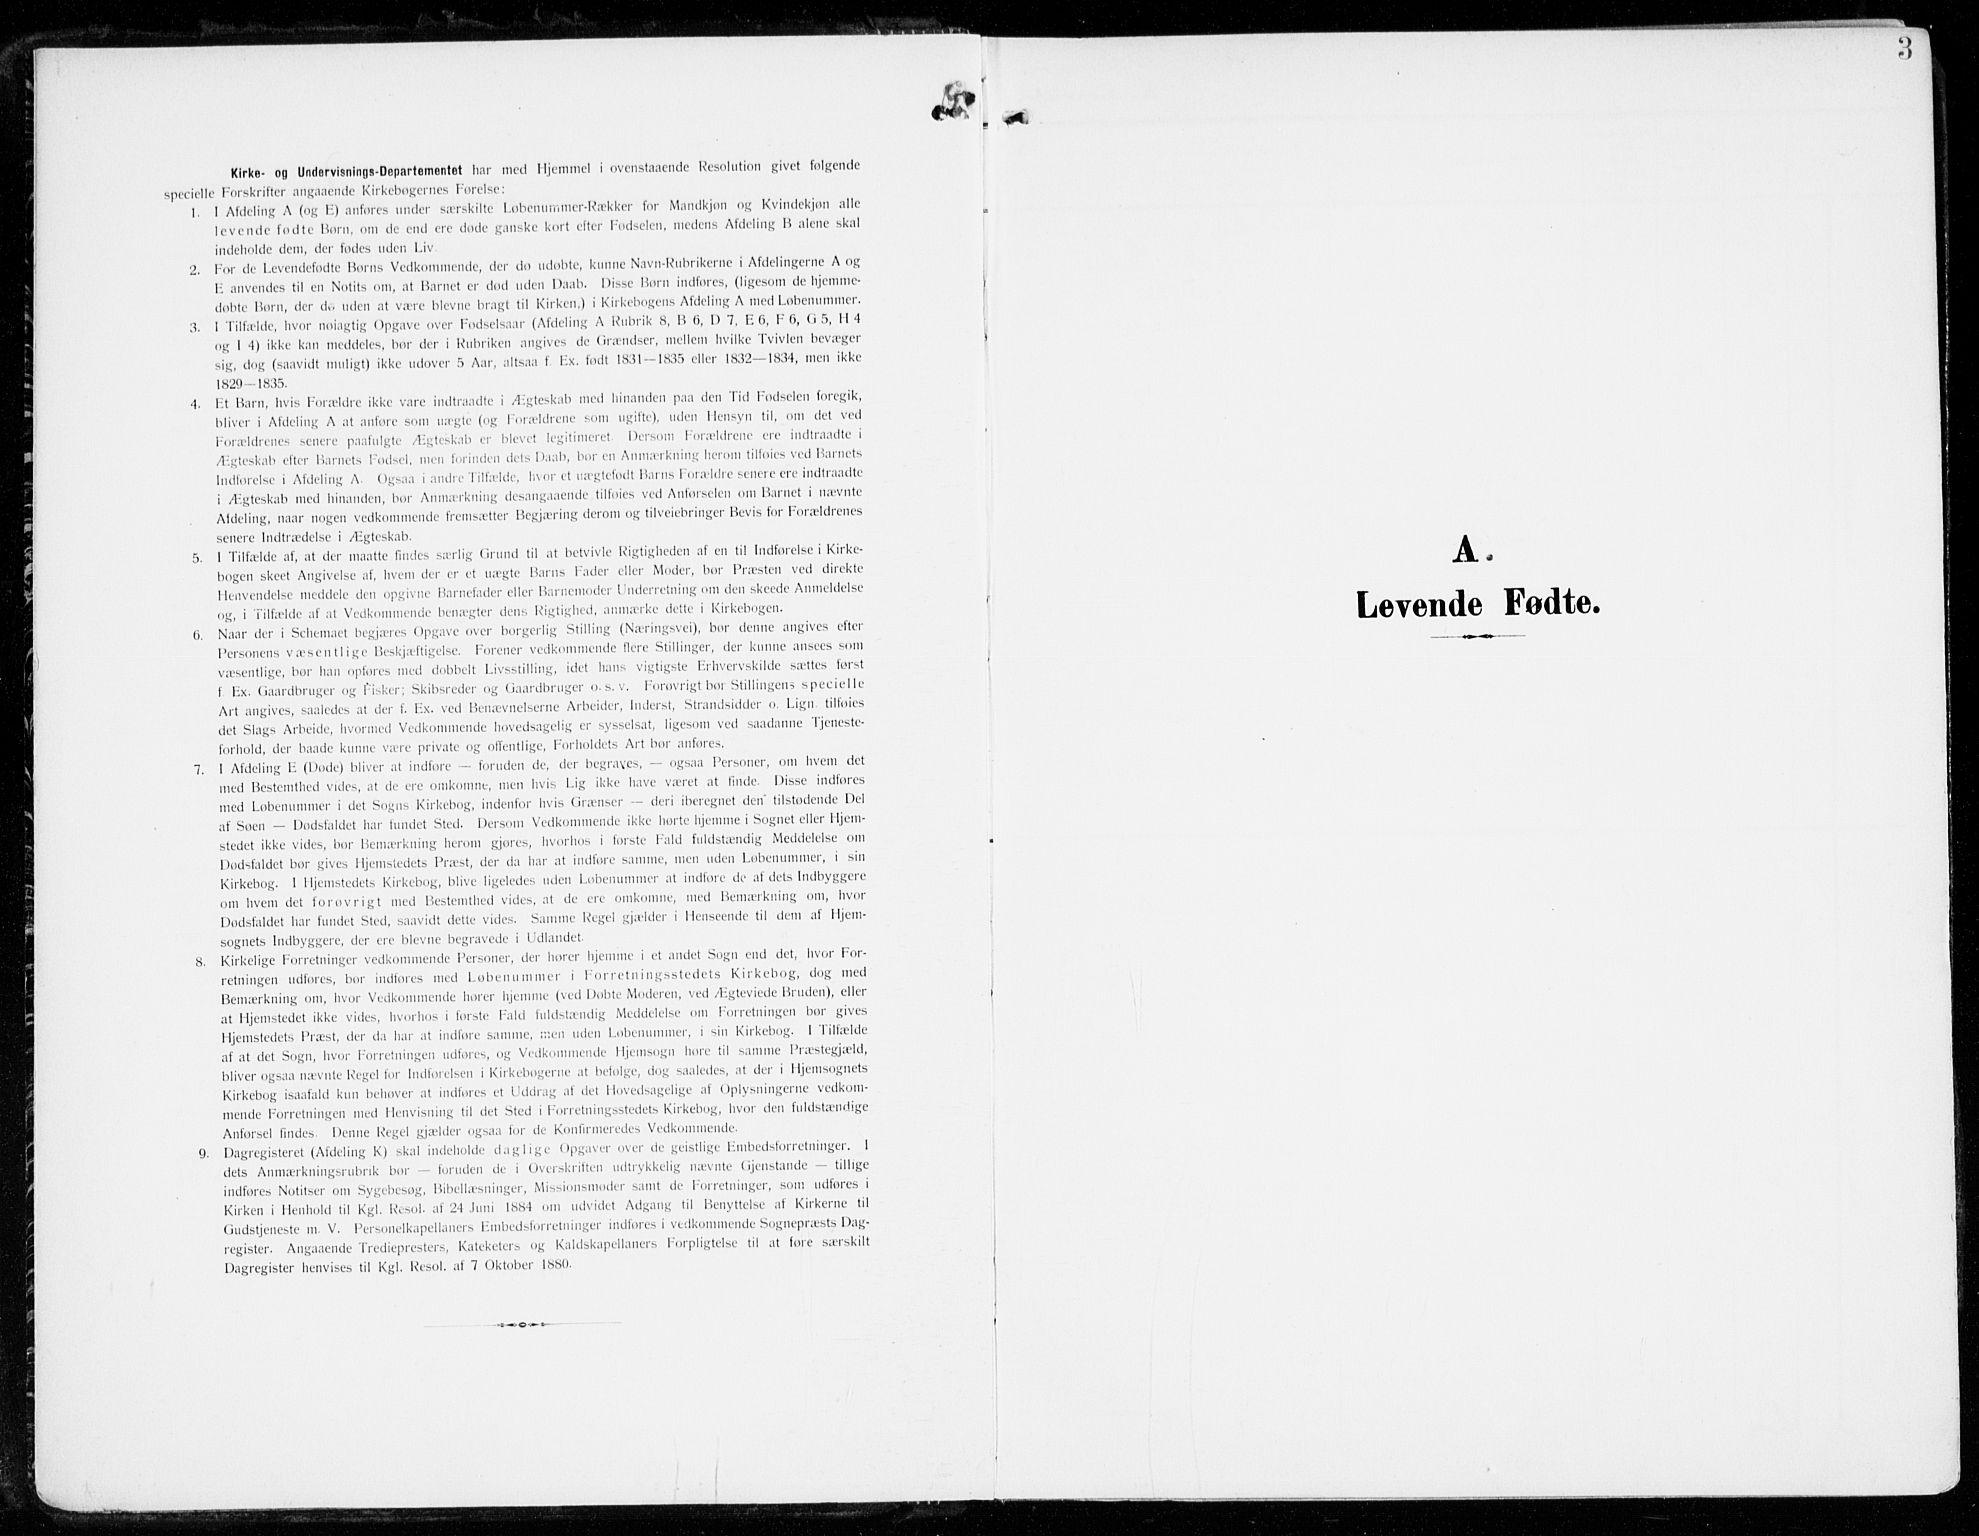 SAKO, Tjølling kirkebøker, F/Fa/L0010: Ministerialbok nr. 10, 1906-1923, s. 3